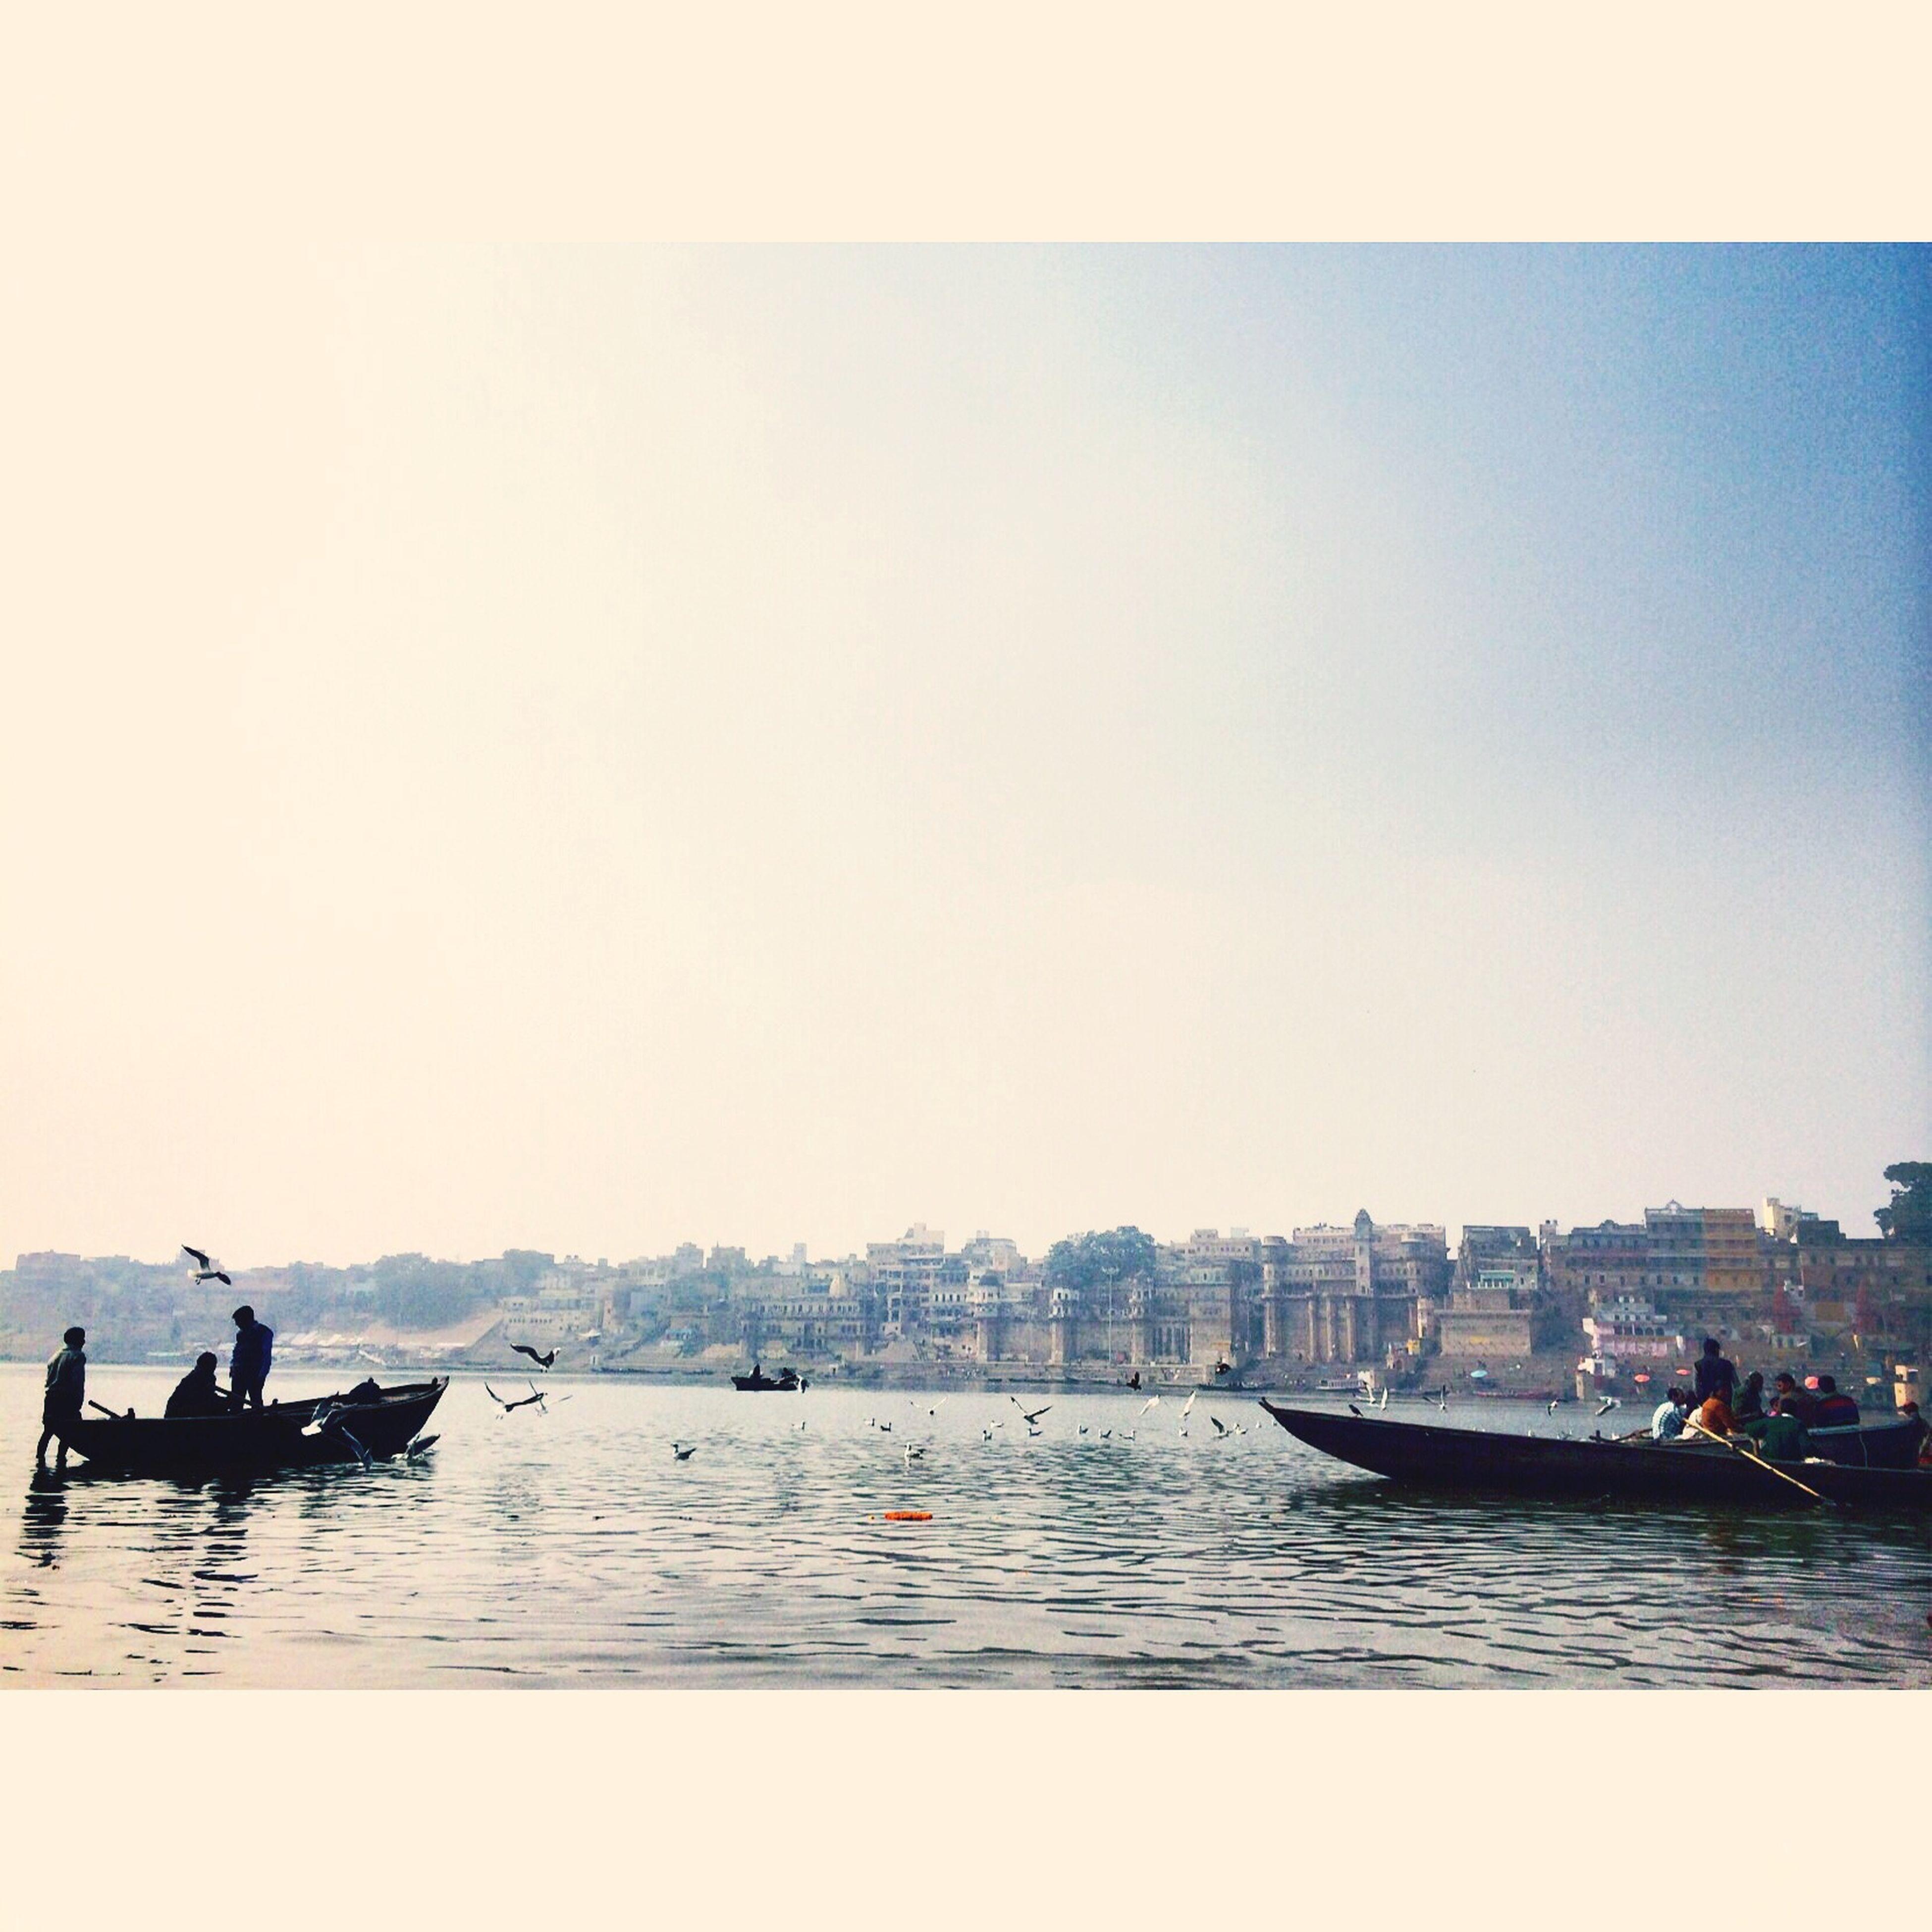 Varanasi India Indian Temple Ganga River Boats Photograhy #iphoneography #sky #bird #blue #多重露光